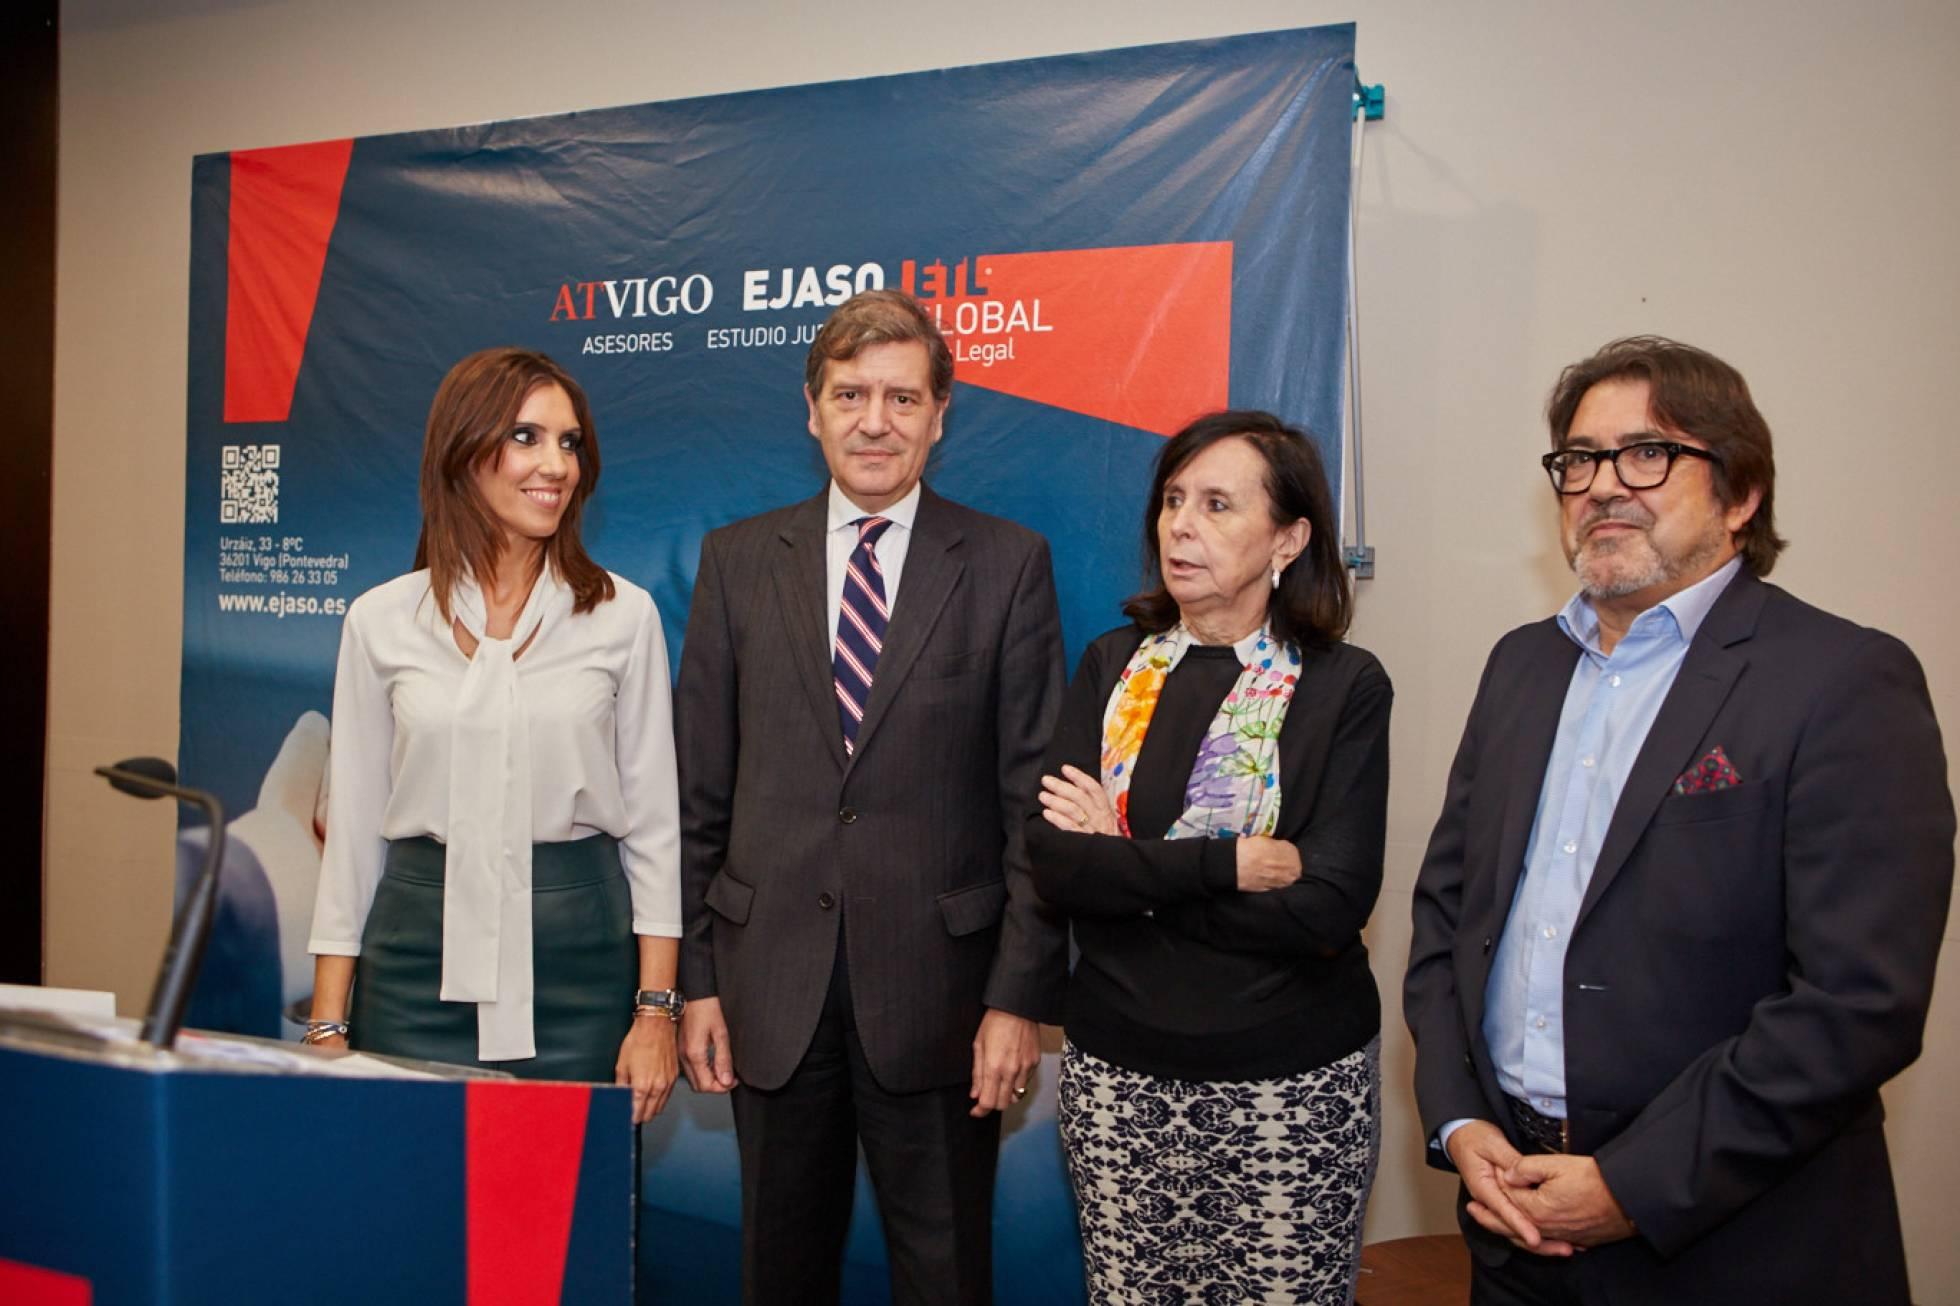 Ejaso ETL Global crece en Galicia de la mano de AT Vigo